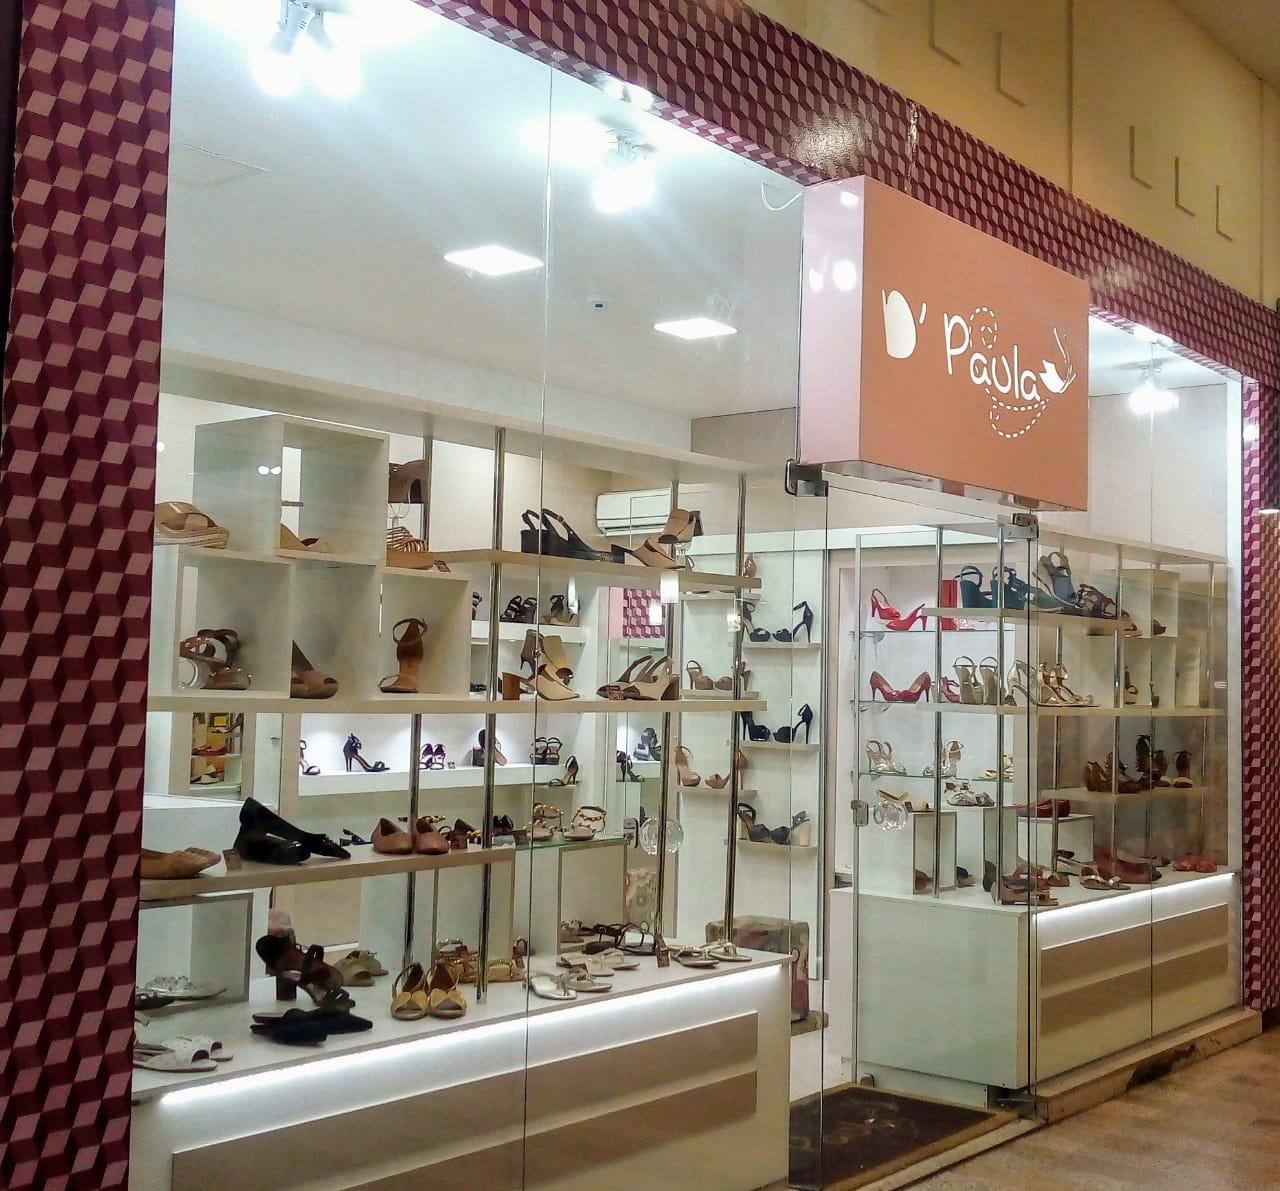 Passo loja de calçados fe